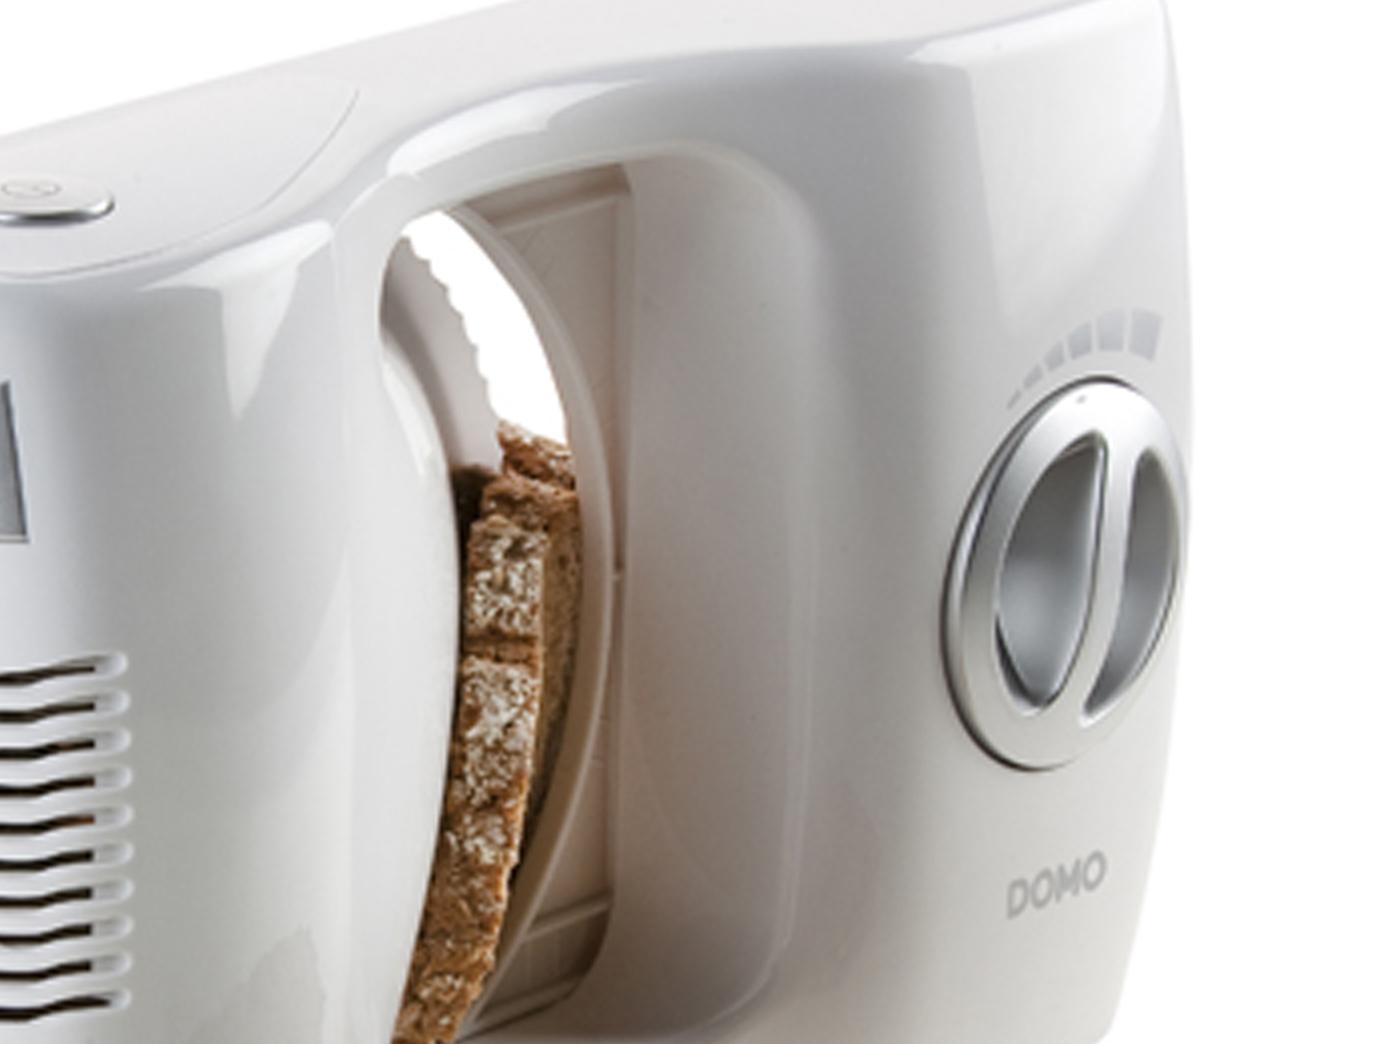 aufschnittmaschine extra schmal multischneider allesschneider brotschneider eur 48 49. Black Bedroom Furniture Sets. Home Design Ideas